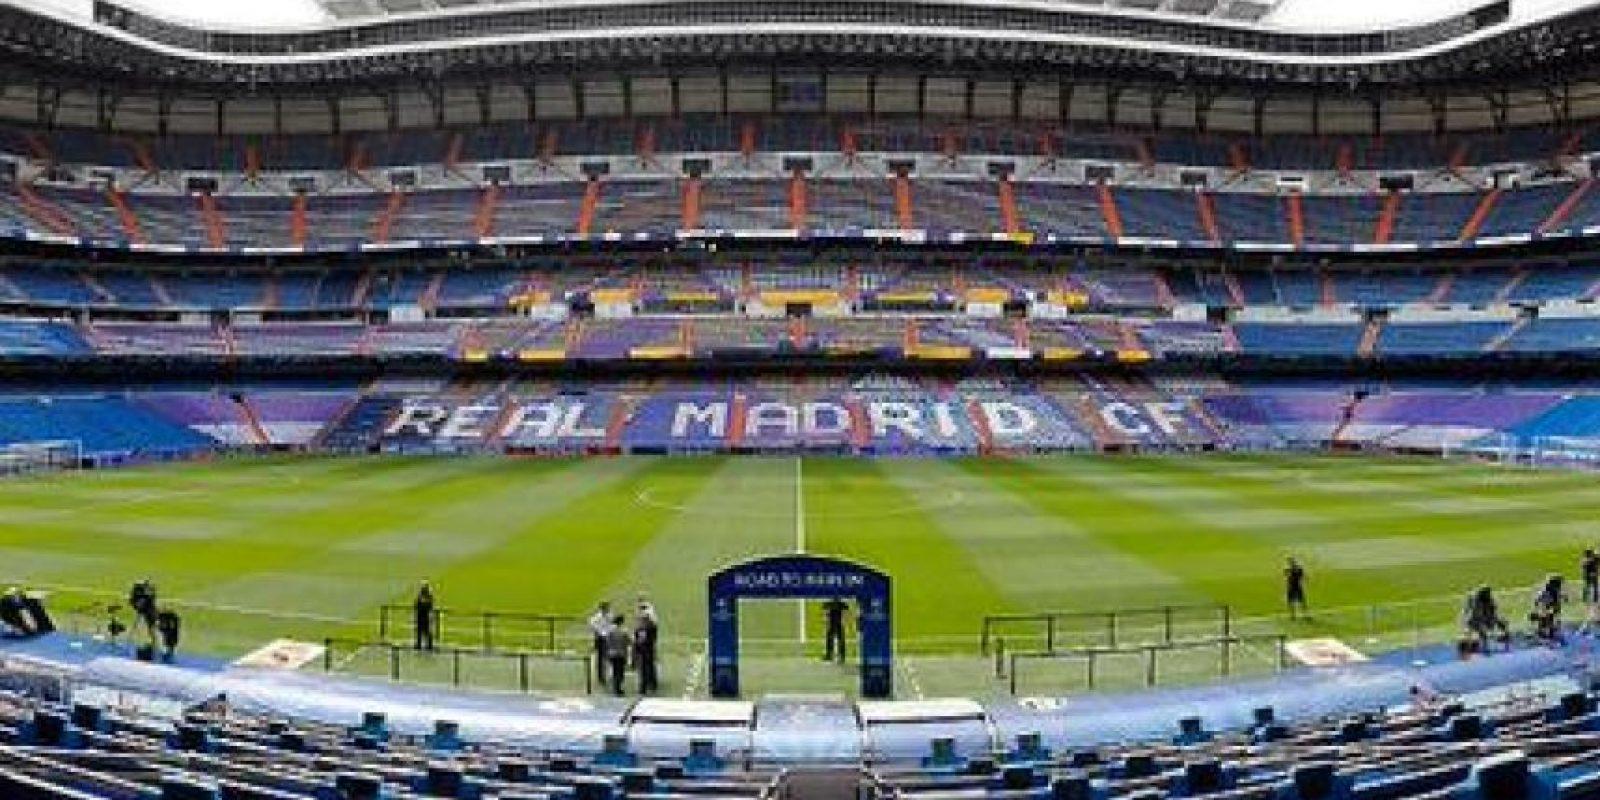 El Santiago Bernabéu, listo para recibir la semifinal de la Champions League. Foto:Vía twitter.com/bernabeudigital